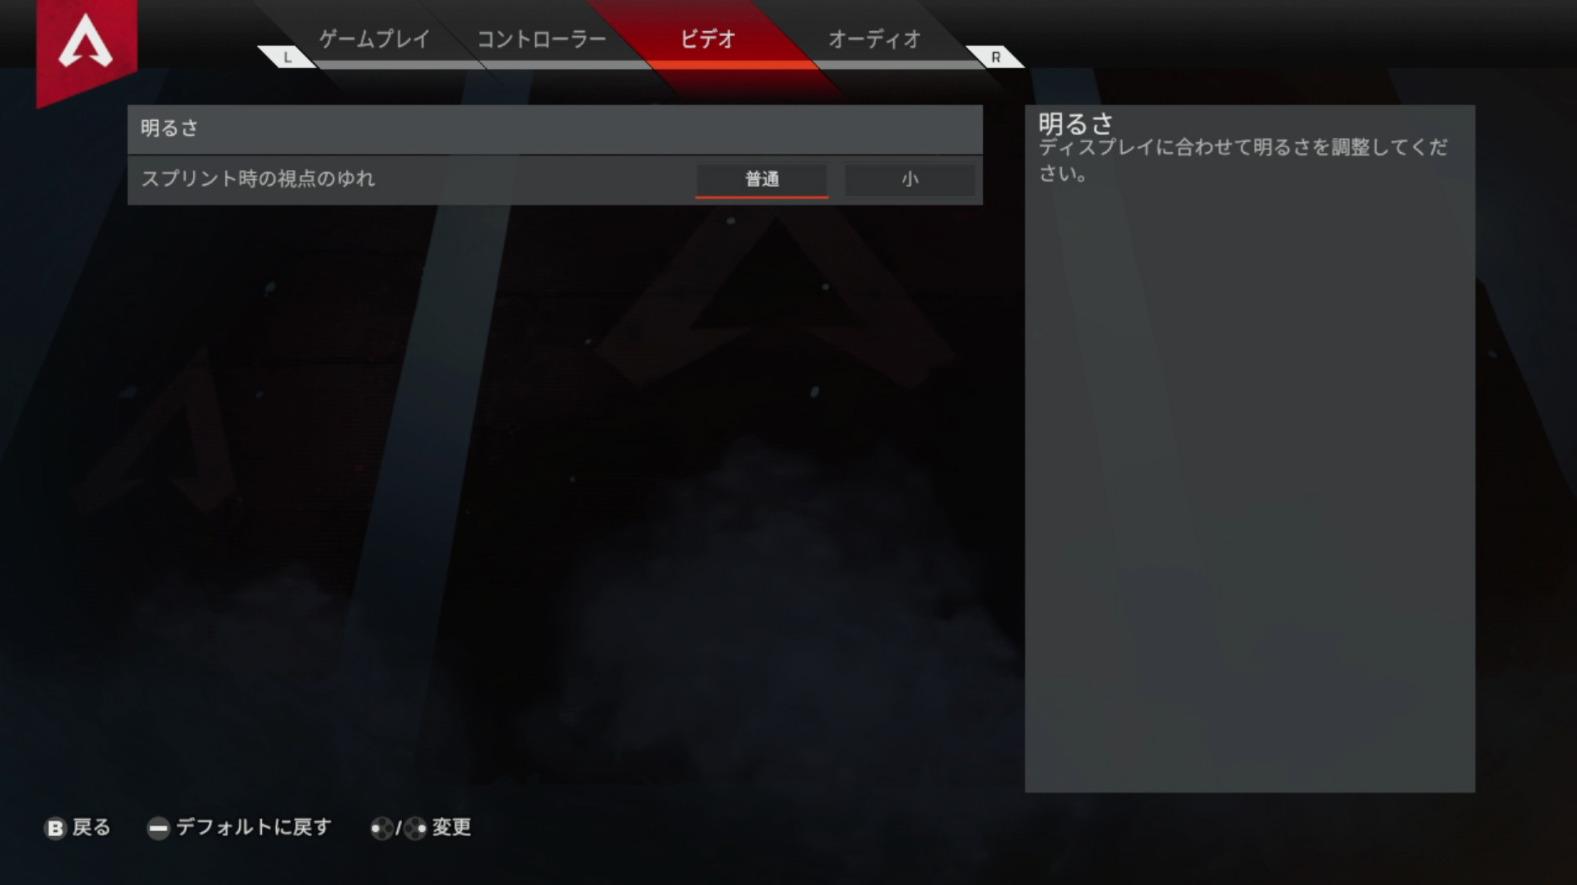 【Apex Legends】Switch版でプレイするメリット・デメリットまとめ【エーペックスレジェンズ】